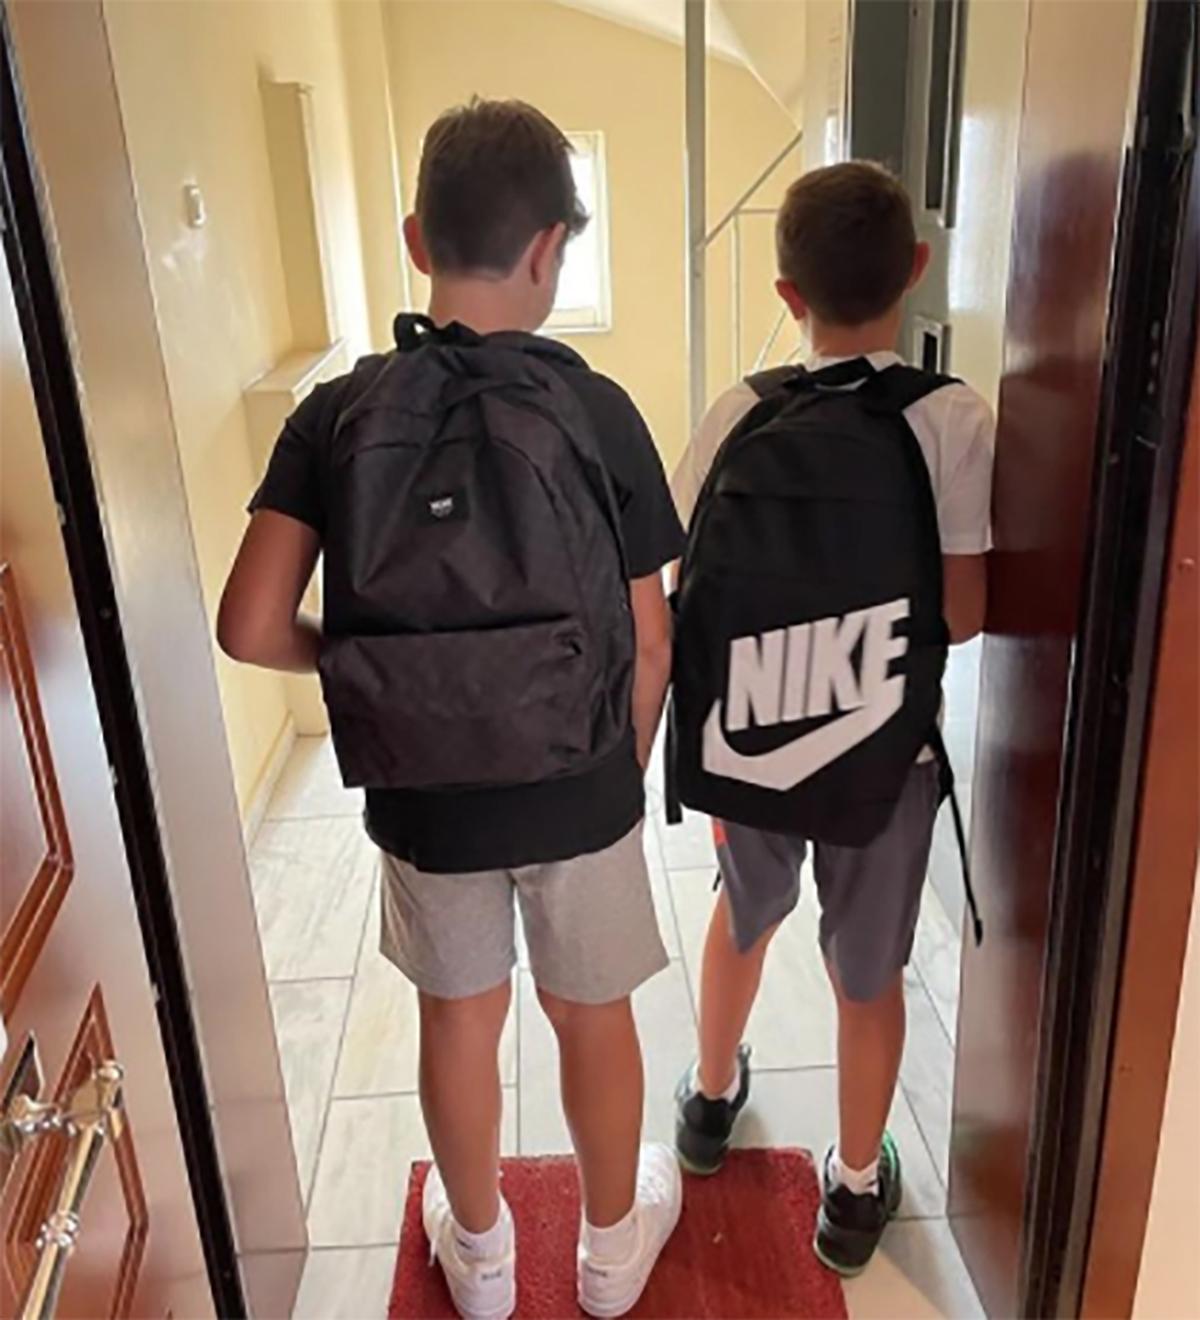 Πρώτη μέρα στο σχολείο για τους γιούς του Αλέξη Τσίπρα